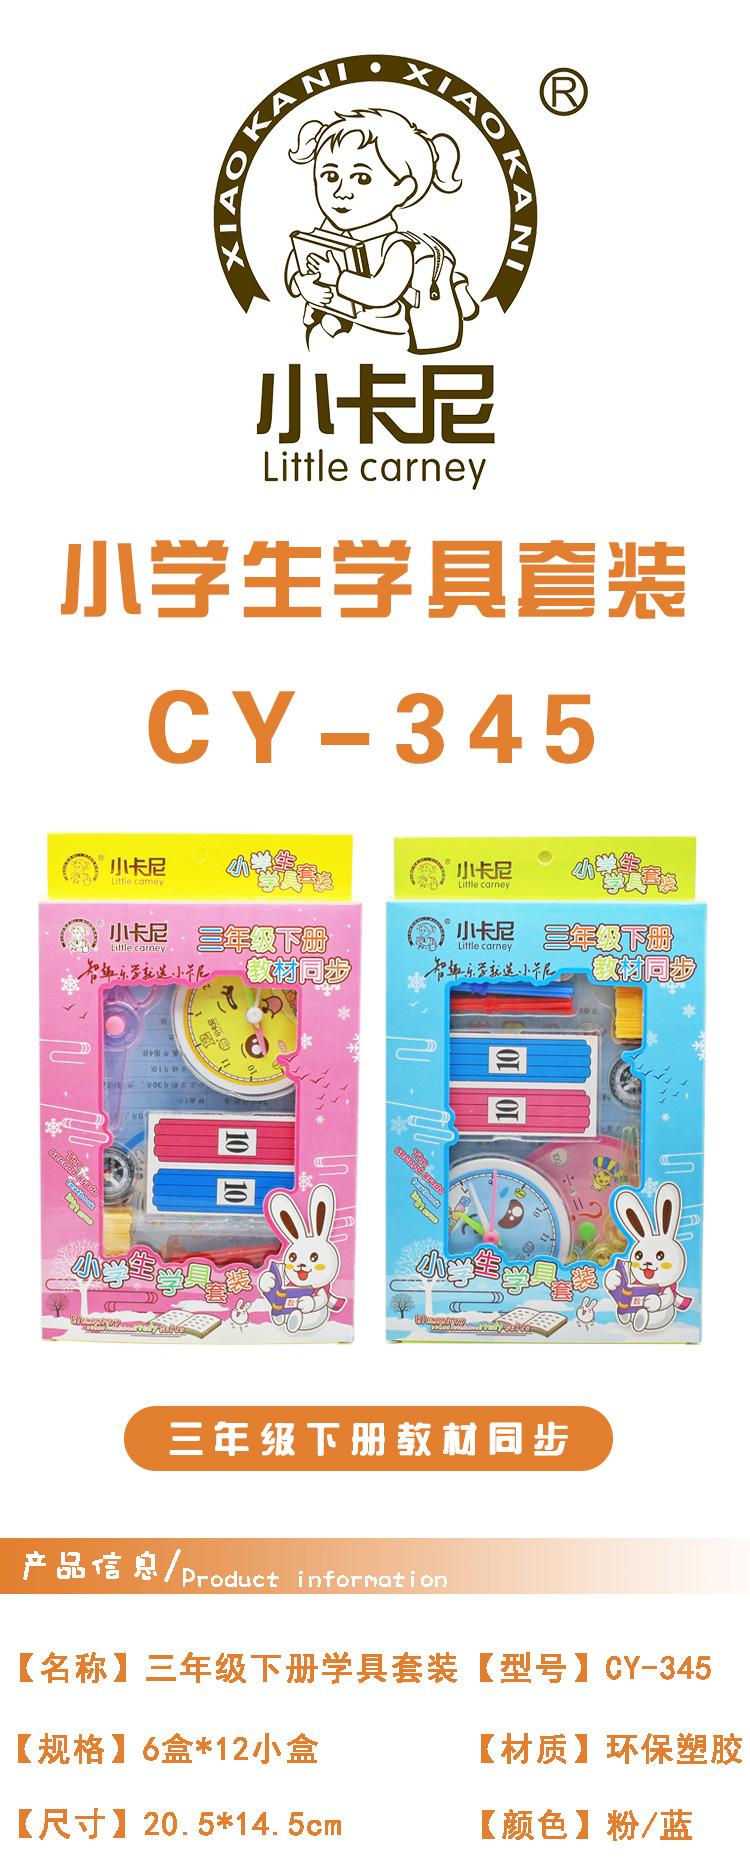 CY-345_01.jpg